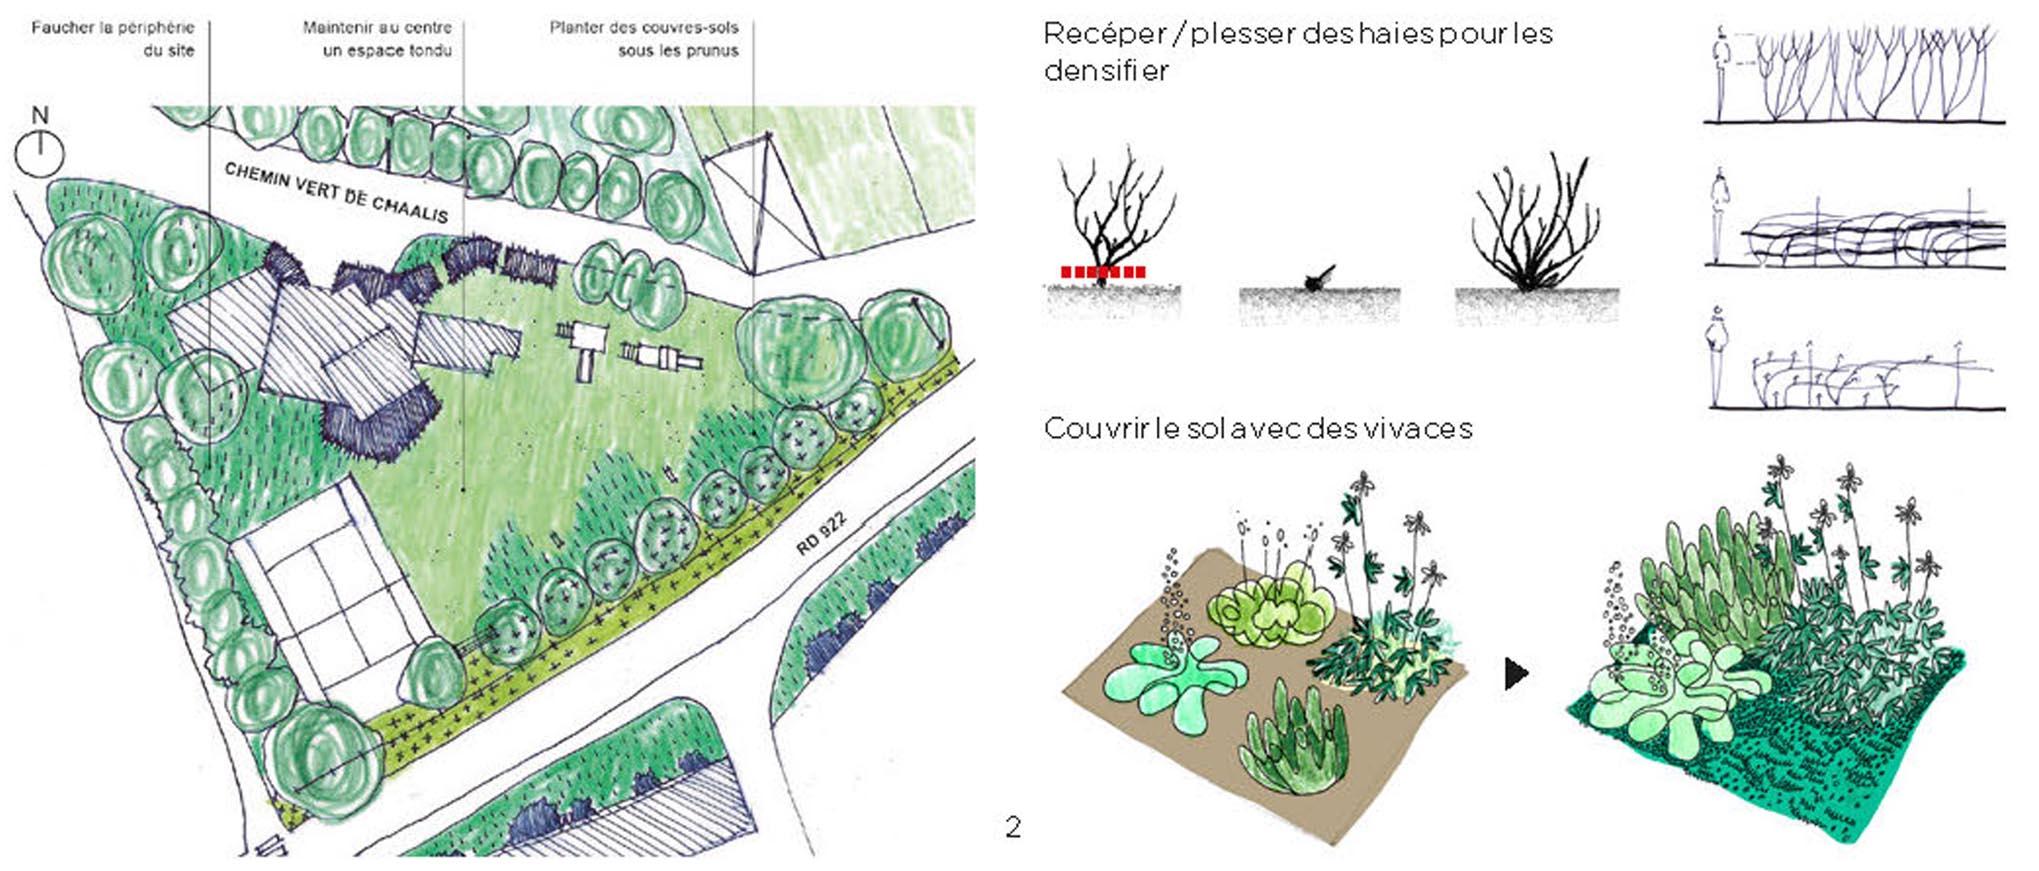 Omnibus | Fleurissement durable, de la théorie à l'action